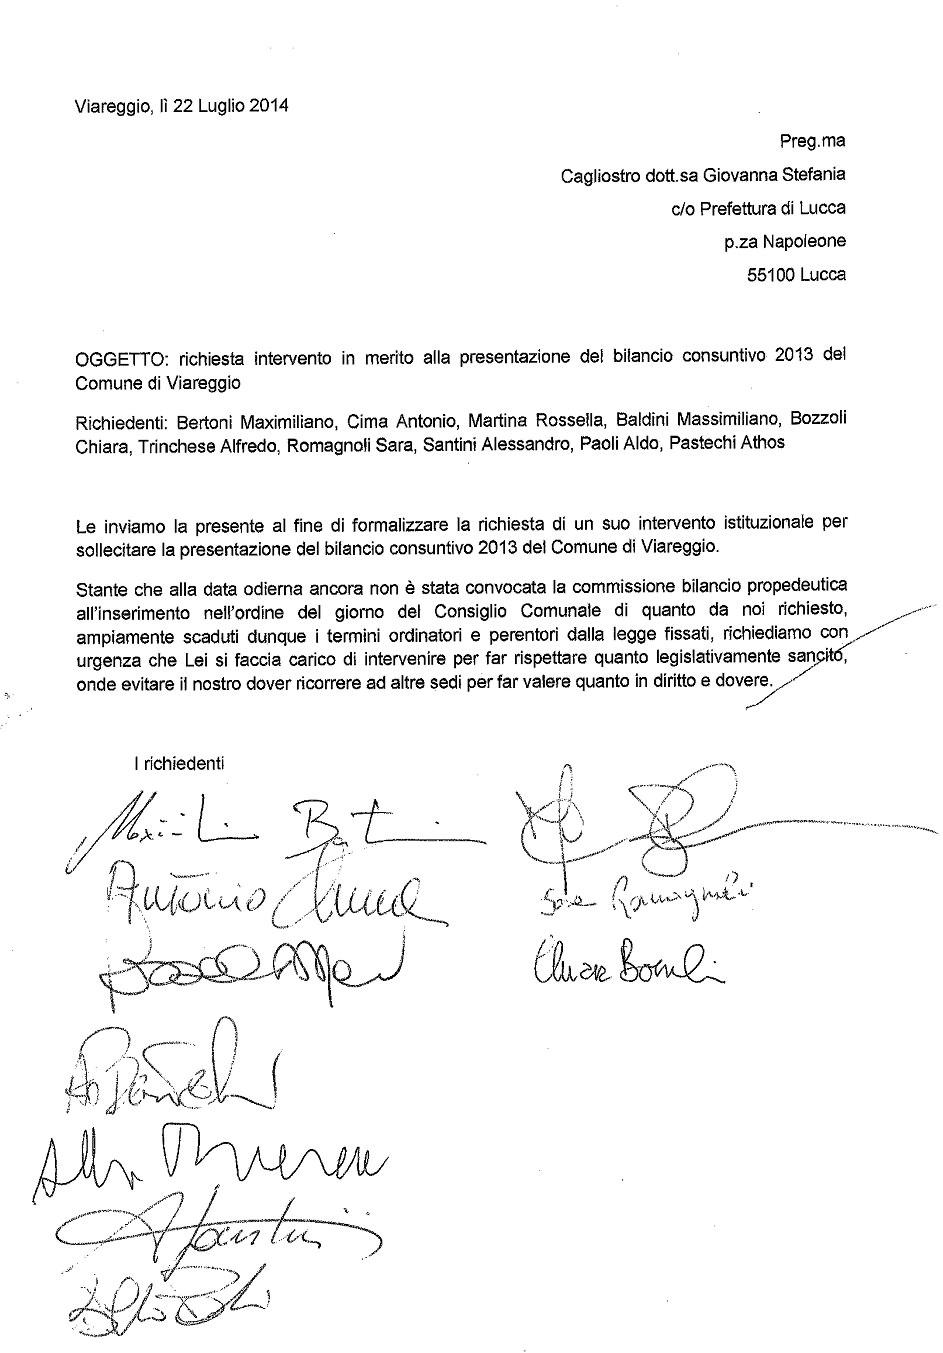 Ritardi sul bilancio 2013 del Comune di Viareggio, l'opposizione scrive al prefetto